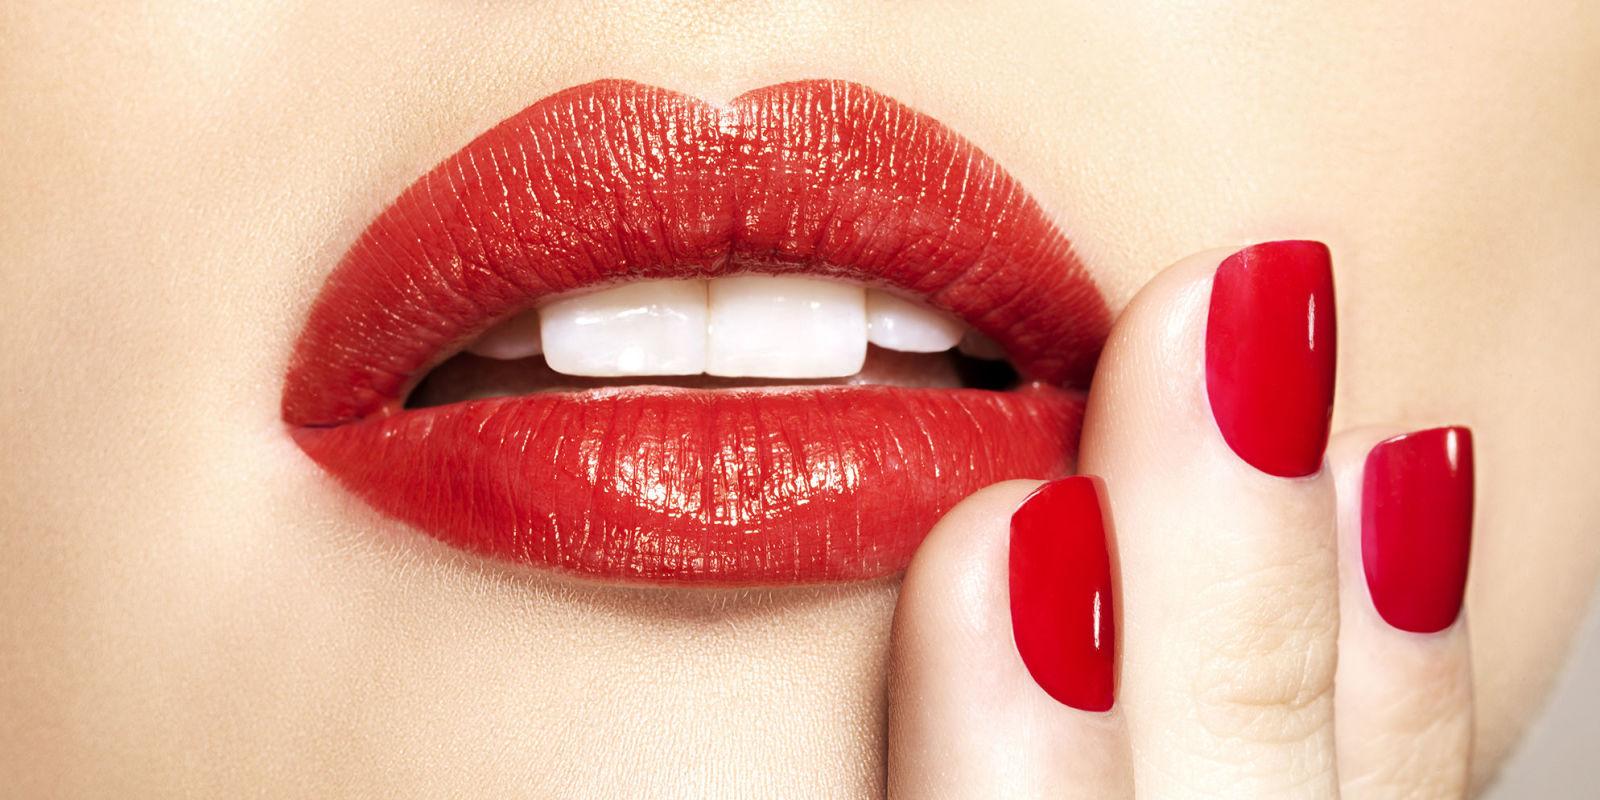 Pulizia dei denti 10 consigli per la detartrasi fai da te for Pulizia fossa biologica fai da te